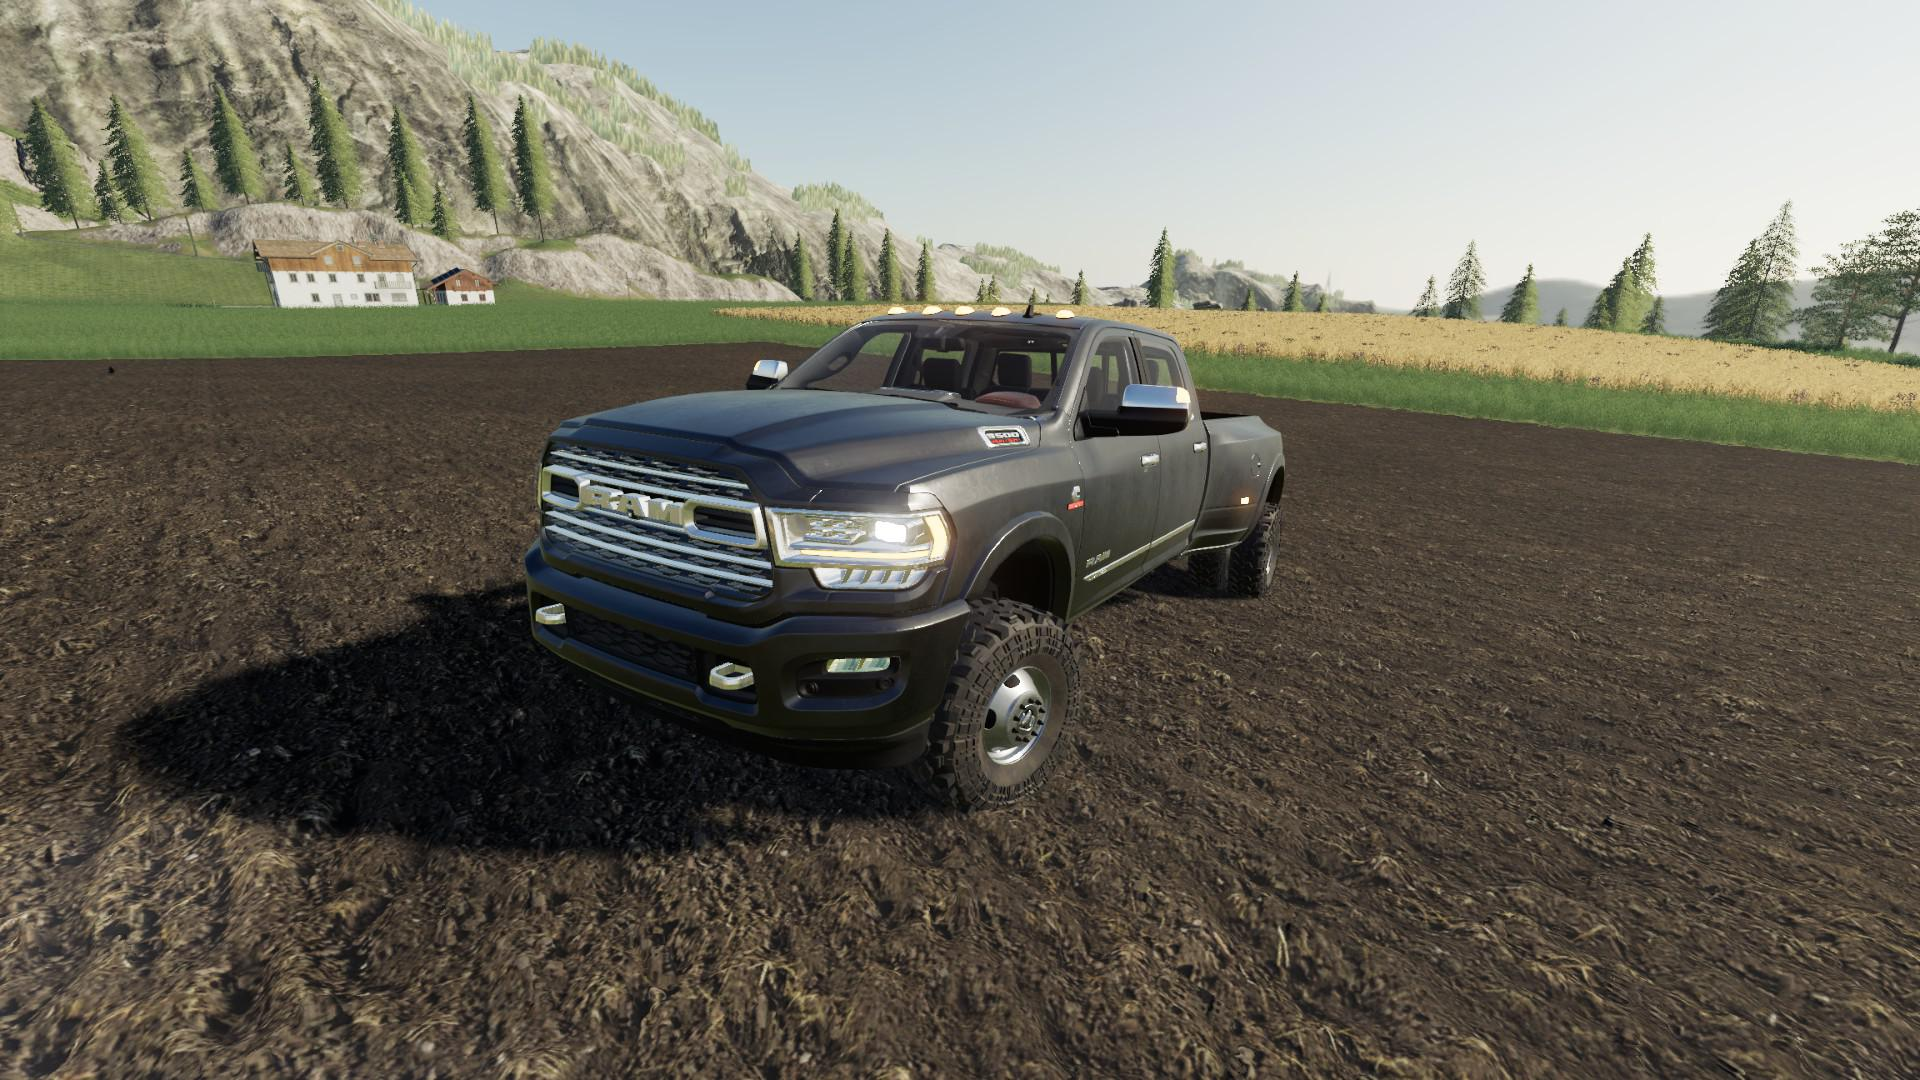 2019 Ram 3500 V1 0 0 0 Fs19 Farming Simulator 19 Mod Fs19 Mod